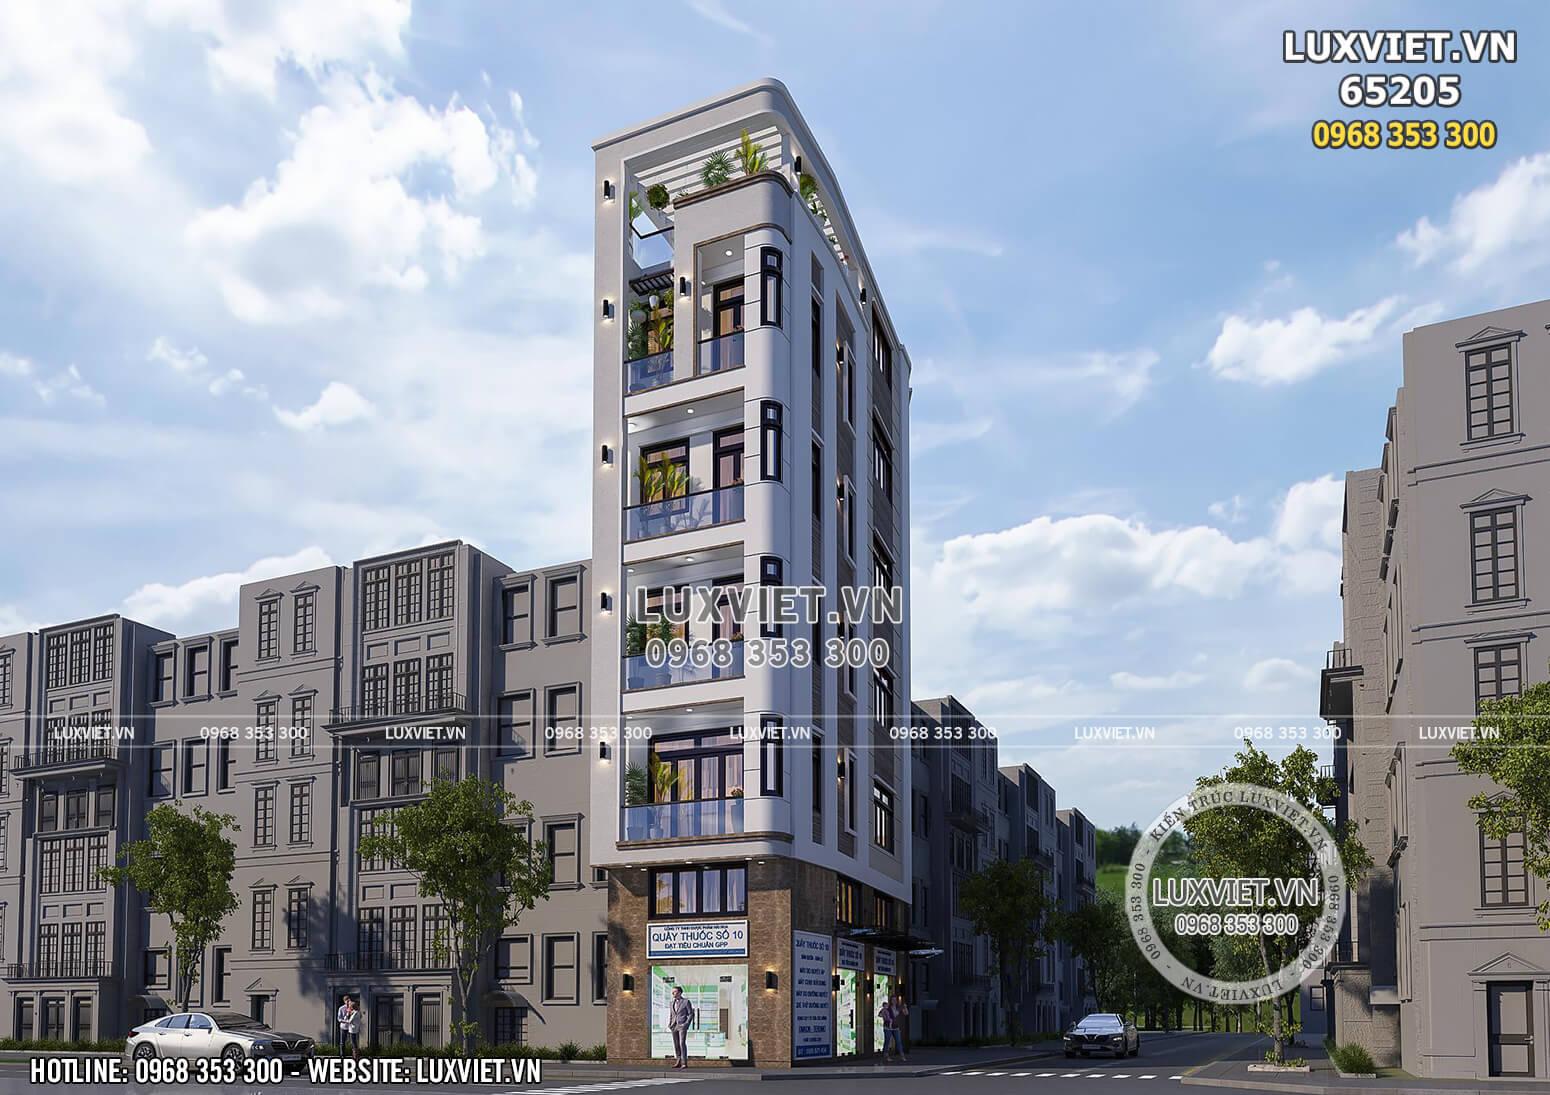 Một góc view đẹp của mẫu thiết kế nhà phố hiện đại kết hợp kinh doanh 2 mặt tiền